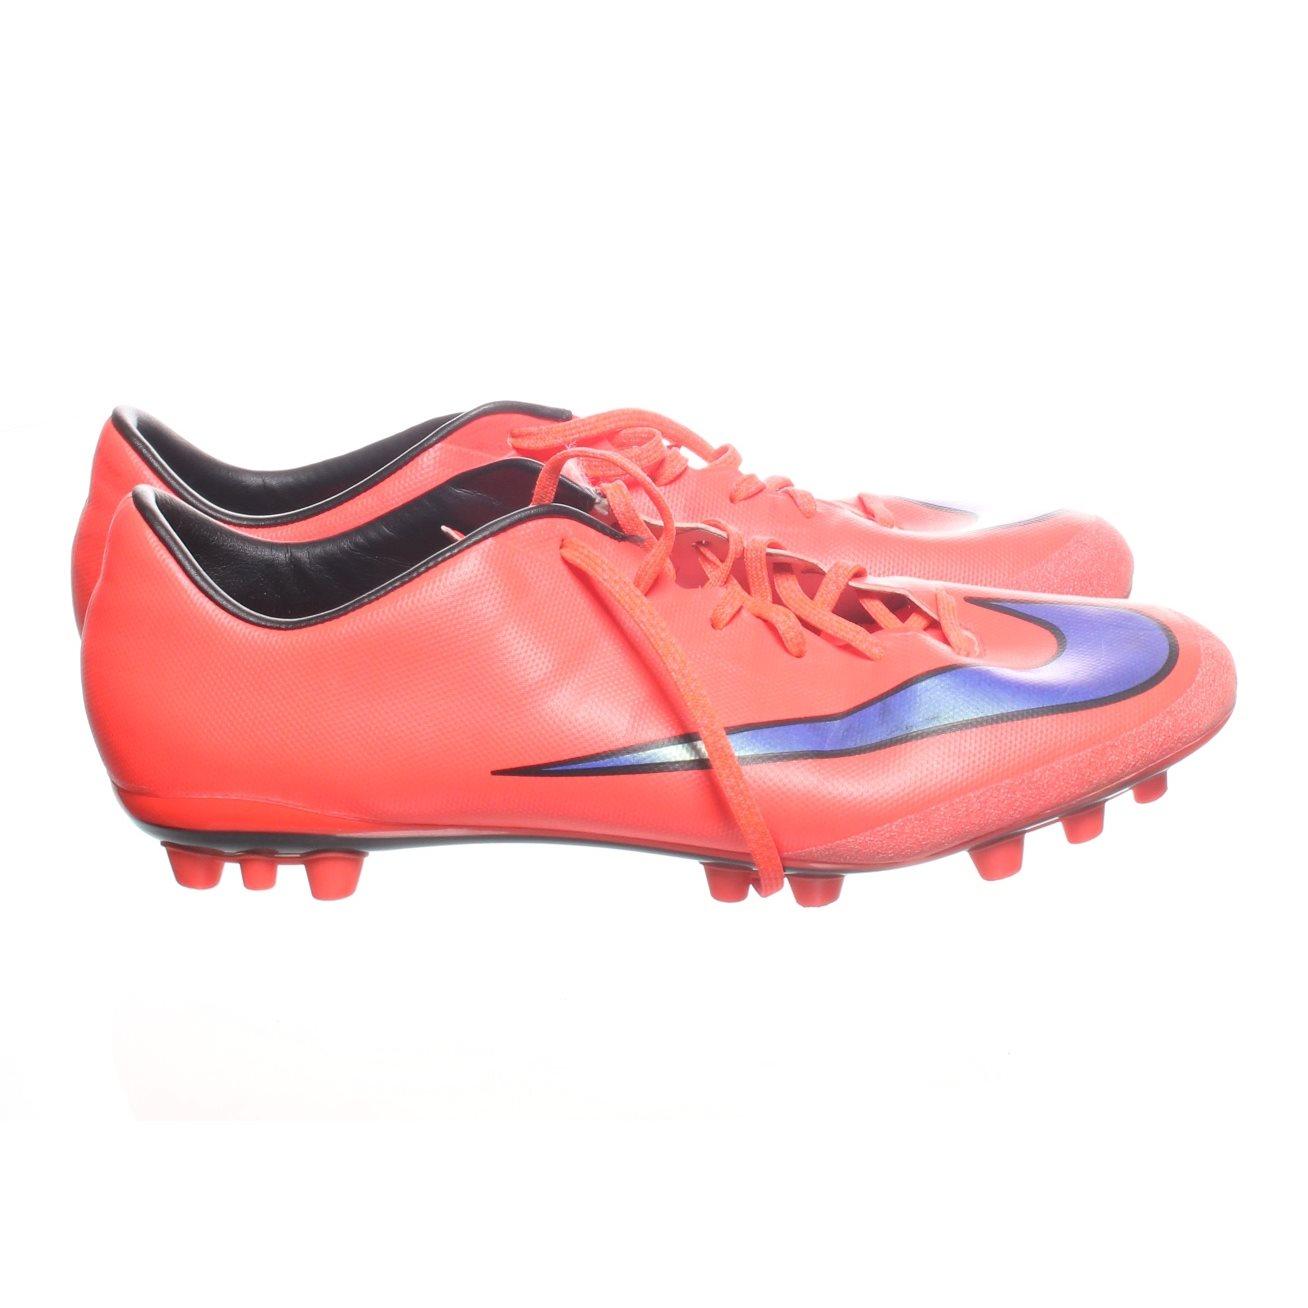 new product bc16b f3102 Nike, Fotbollsskor, Strl  43, Mercurial, Röd Lila